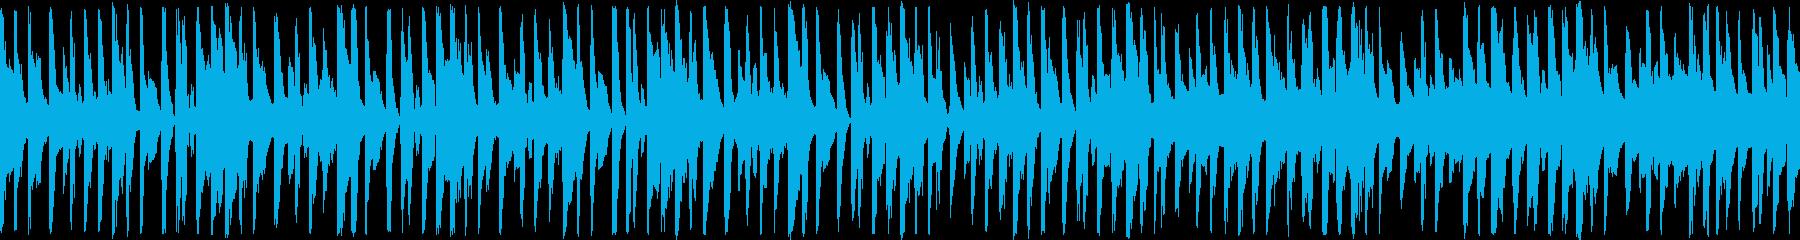 法人 エレキギター ピアノ いえ ...の再生済みの波形